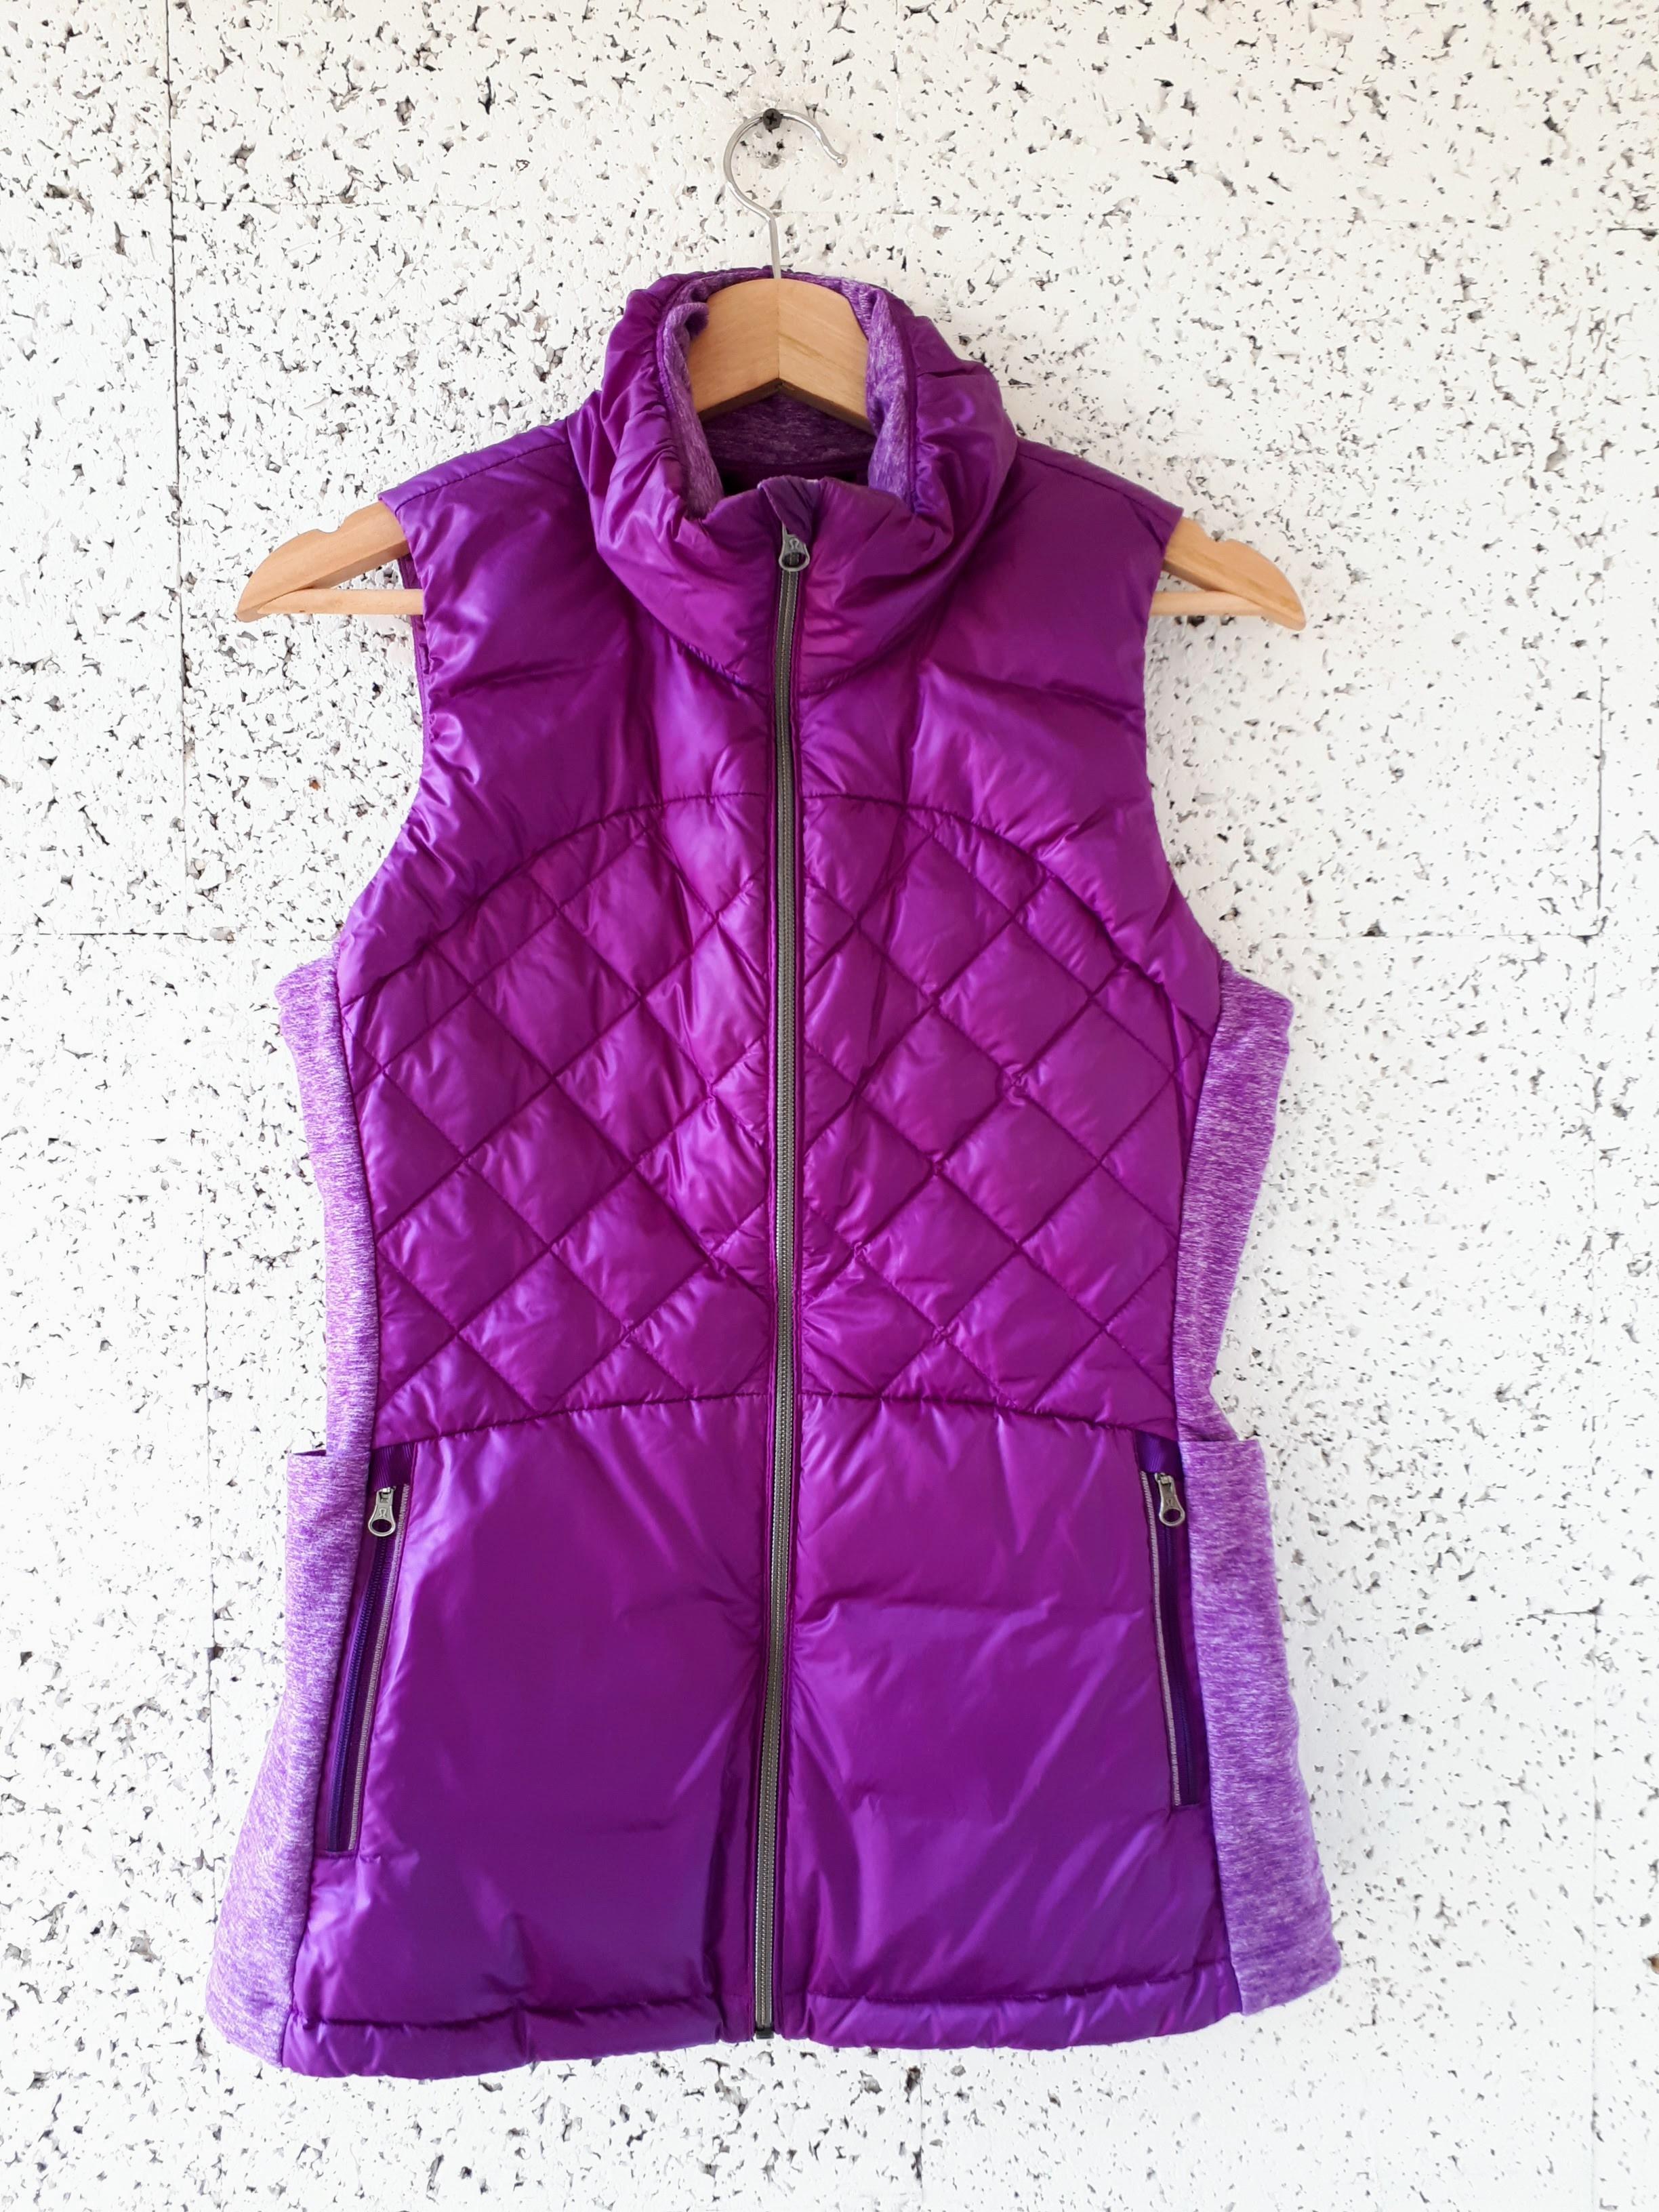 Lululemon vest; Size 8, $42